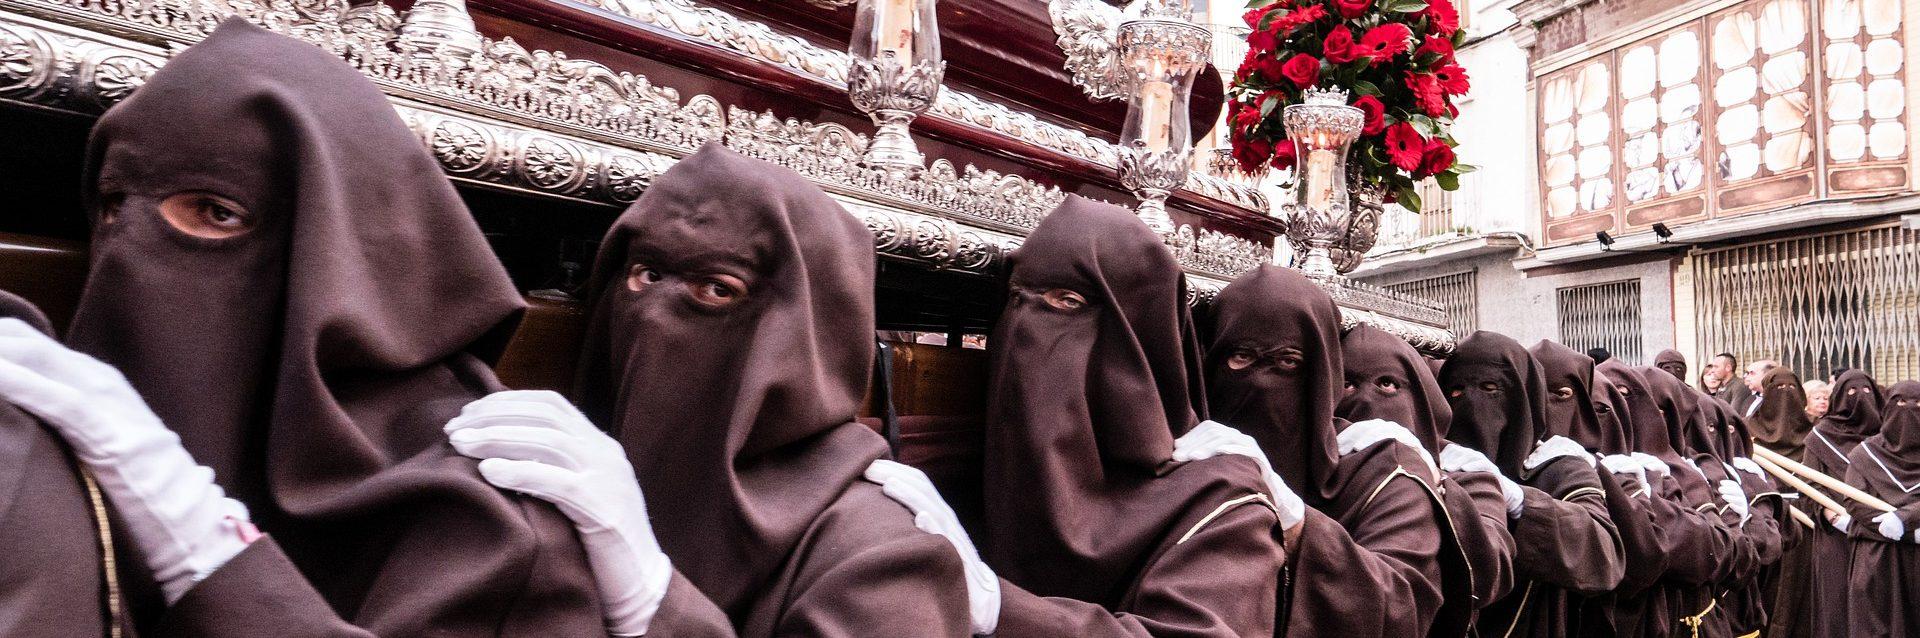 Vamos, hermanos, es un relato escrito por Miguel Rodríguez Echeandía para su blog personal sobre las procesiones de Semana Santa.